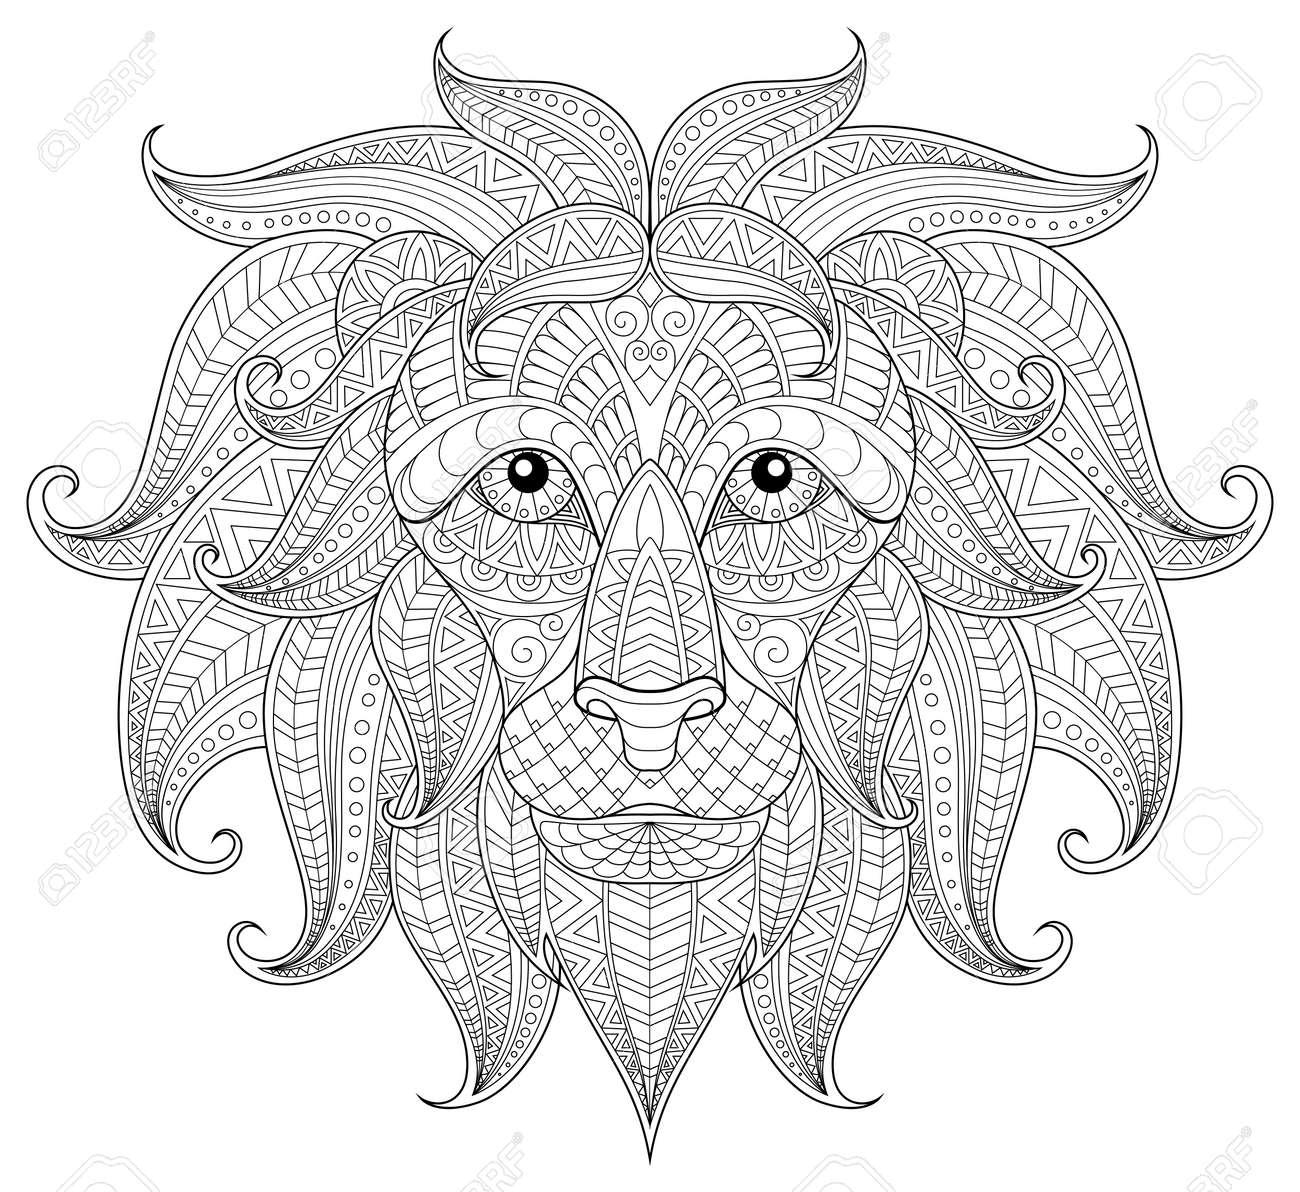 Tête De Lion Adulte Coloriages Antistress Doodle Noir Et Blanc Pour Le Livre De Coloriage